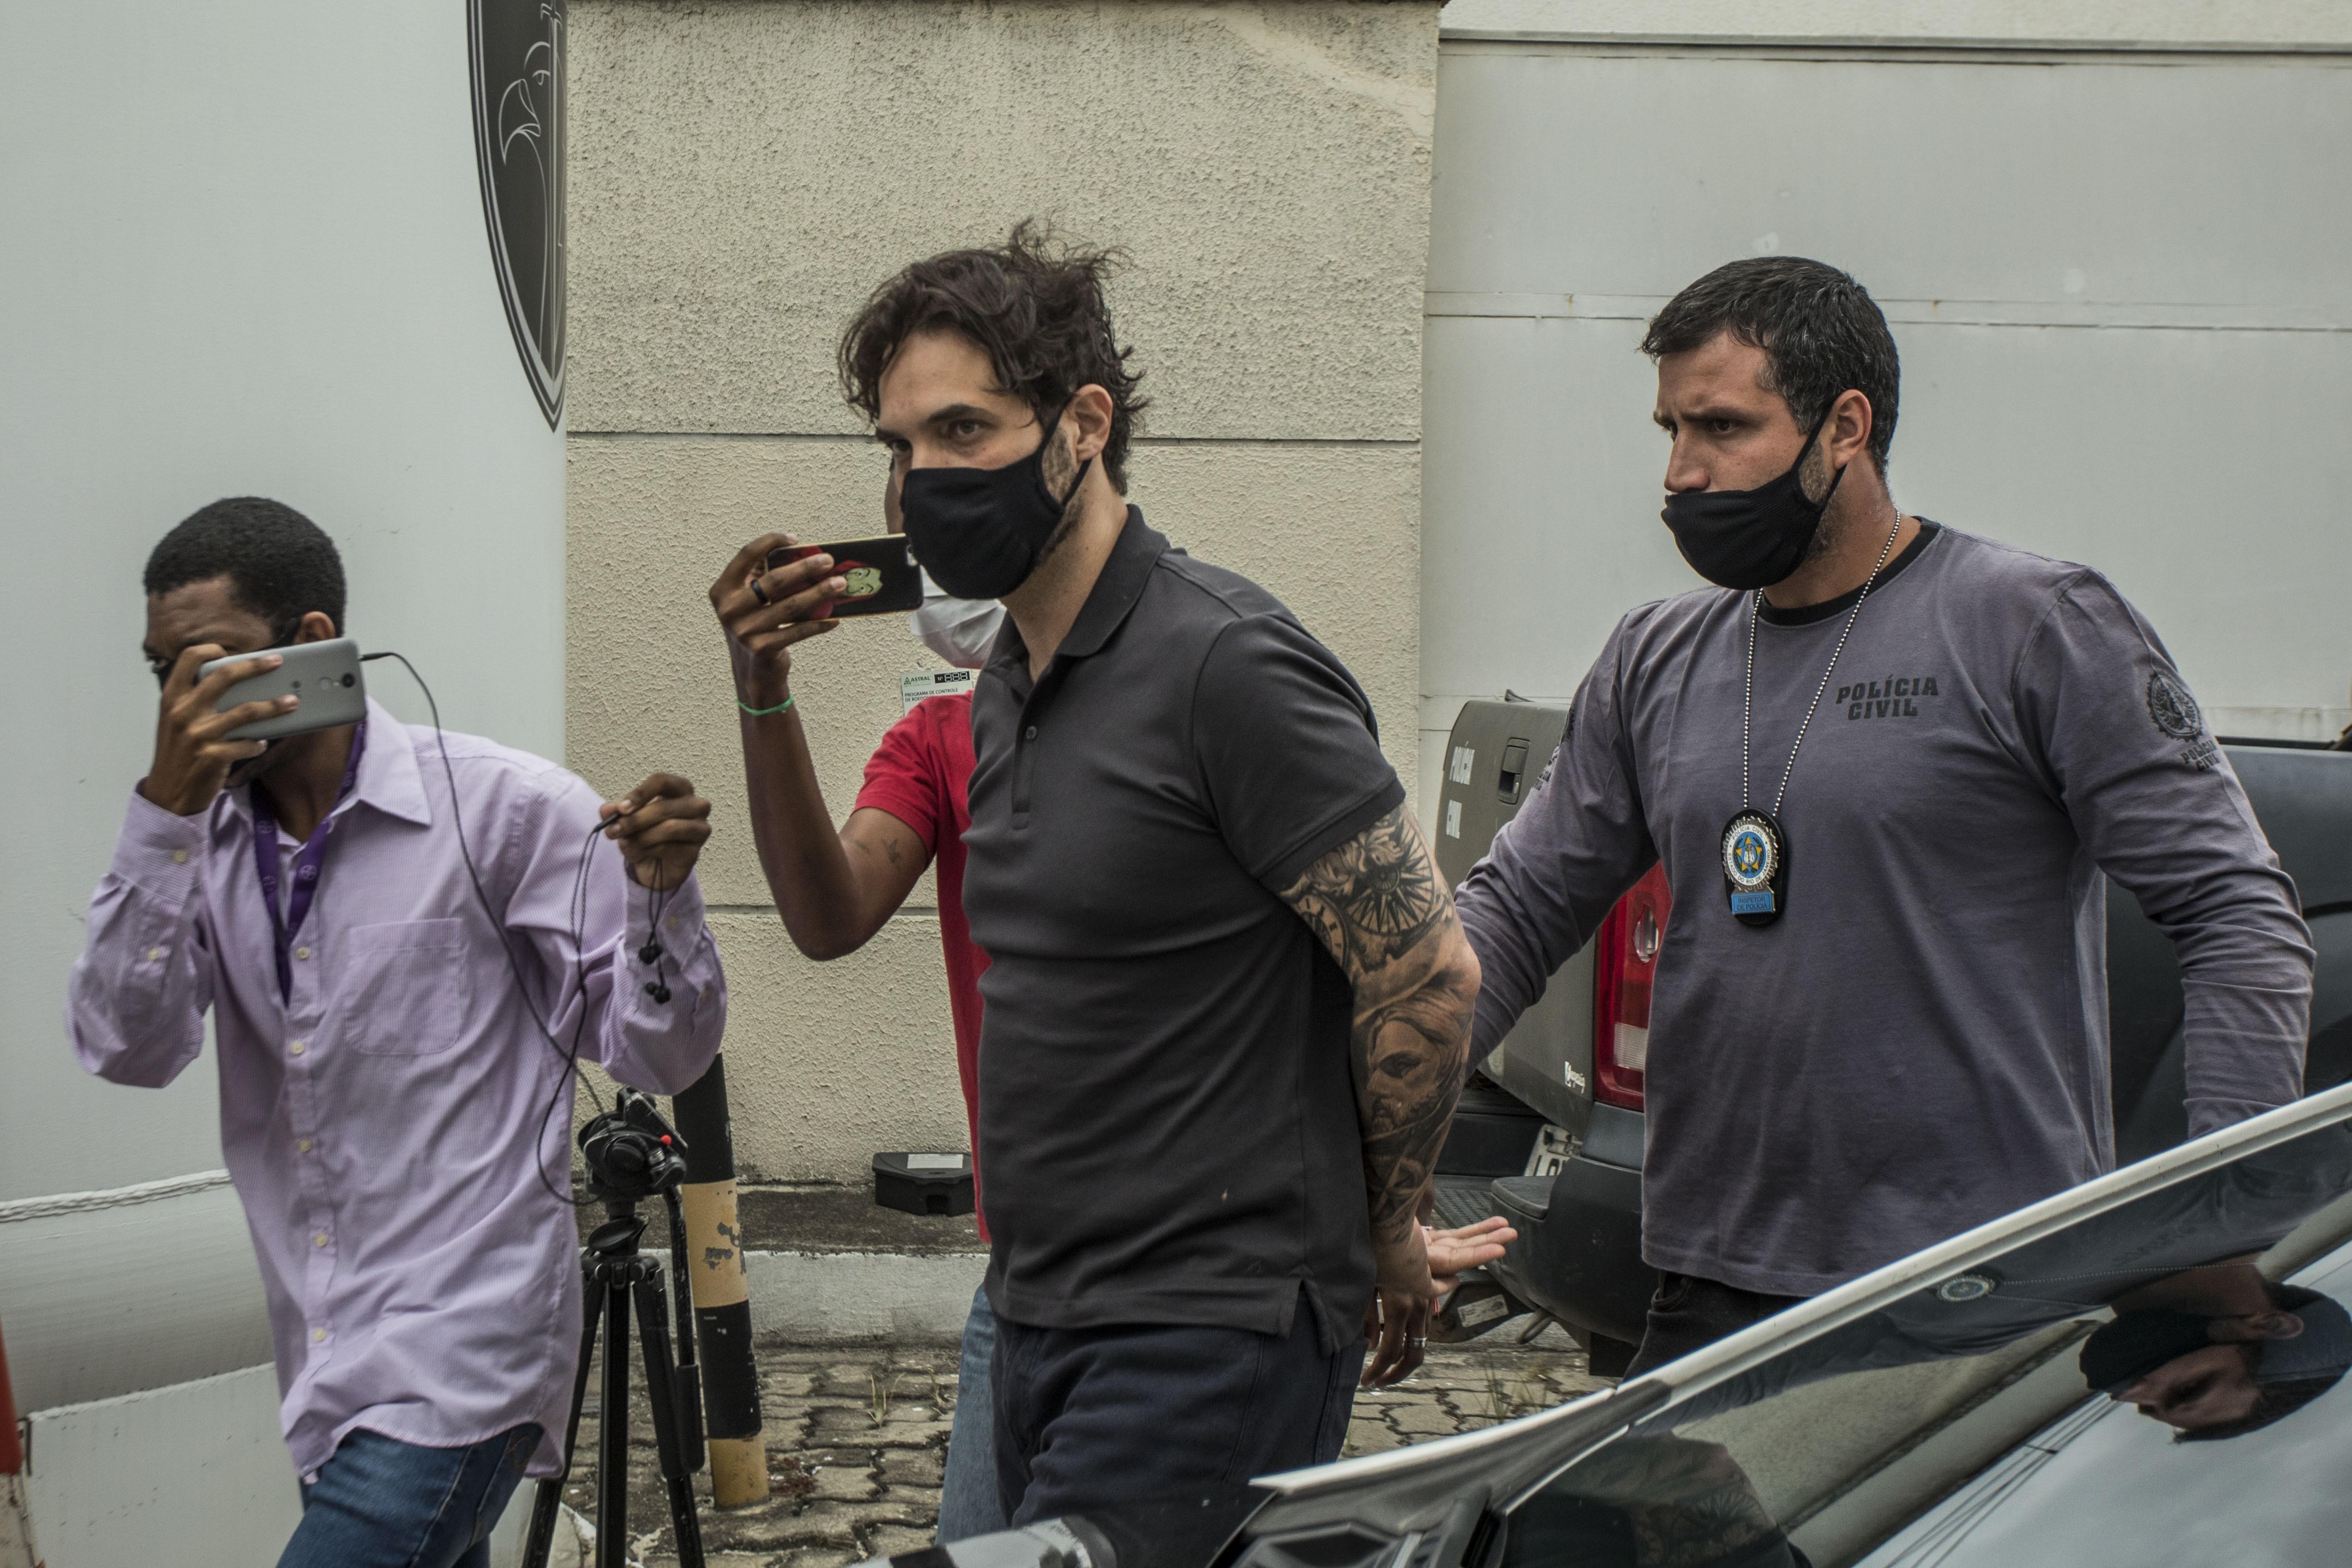 Jairinho está preso temporariamente acusado de matar o menino Henry